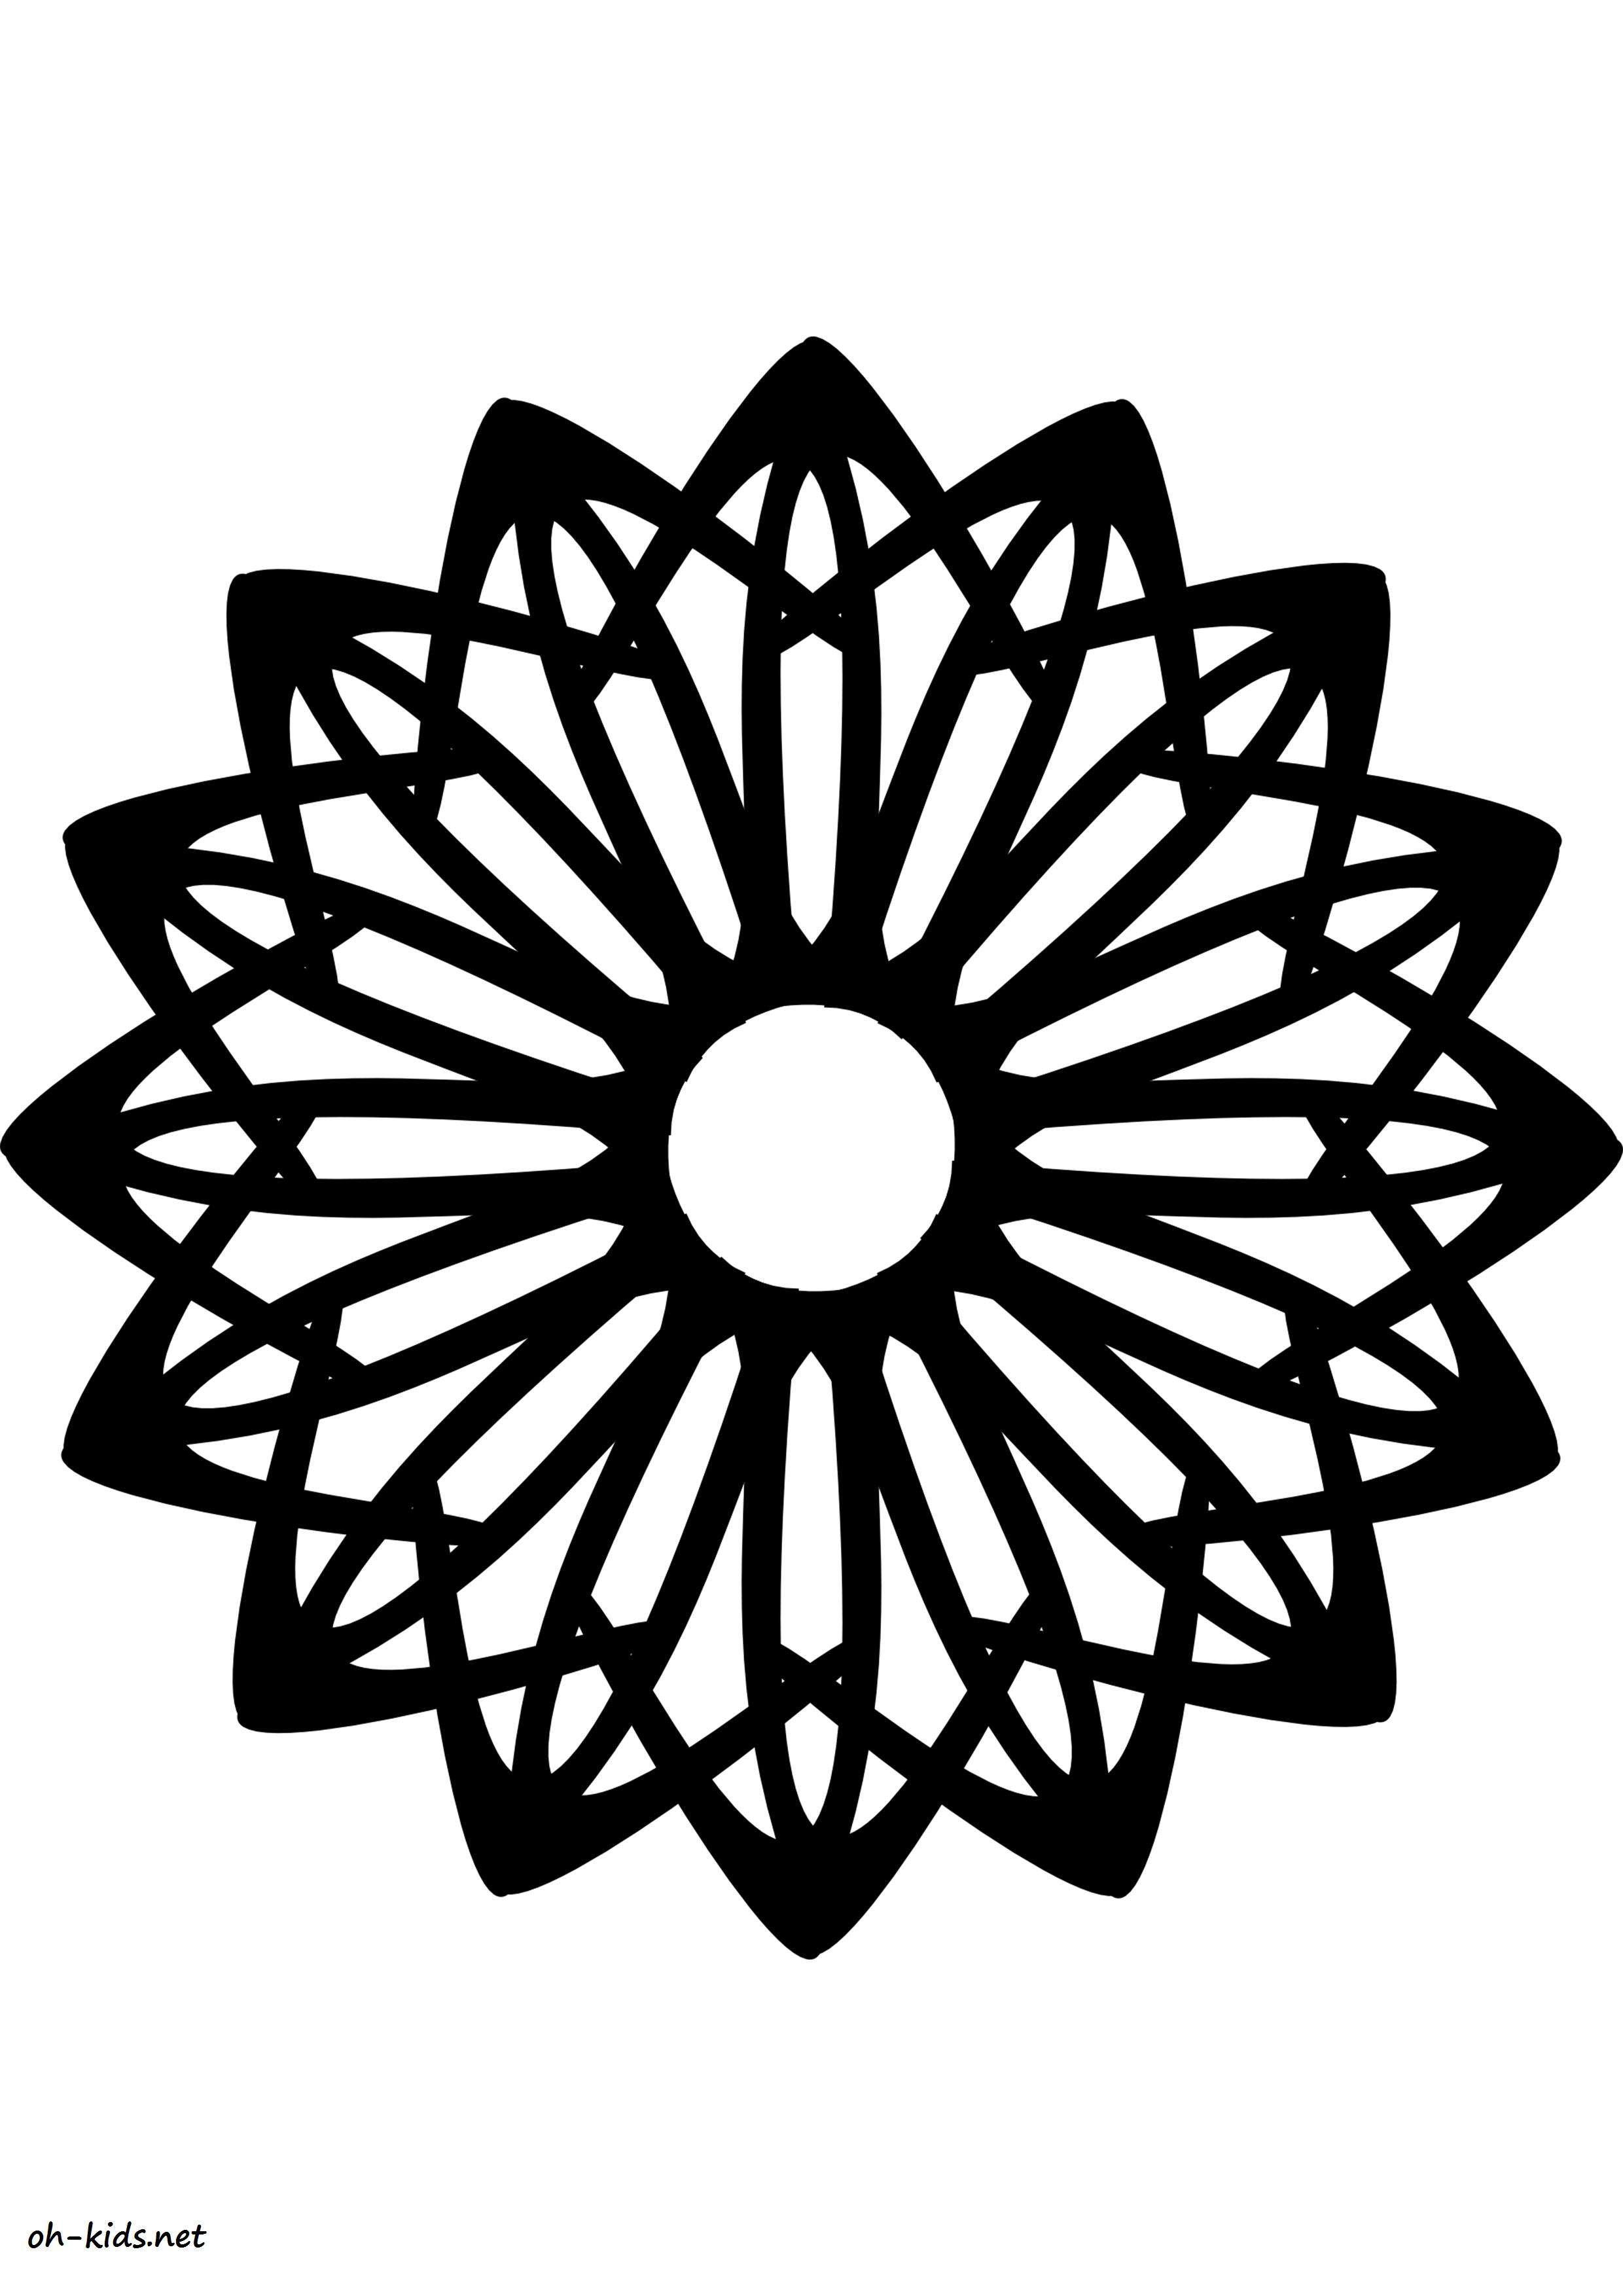 Une Jolie image de rosace à imprimer gratuitement - Dessin #1175